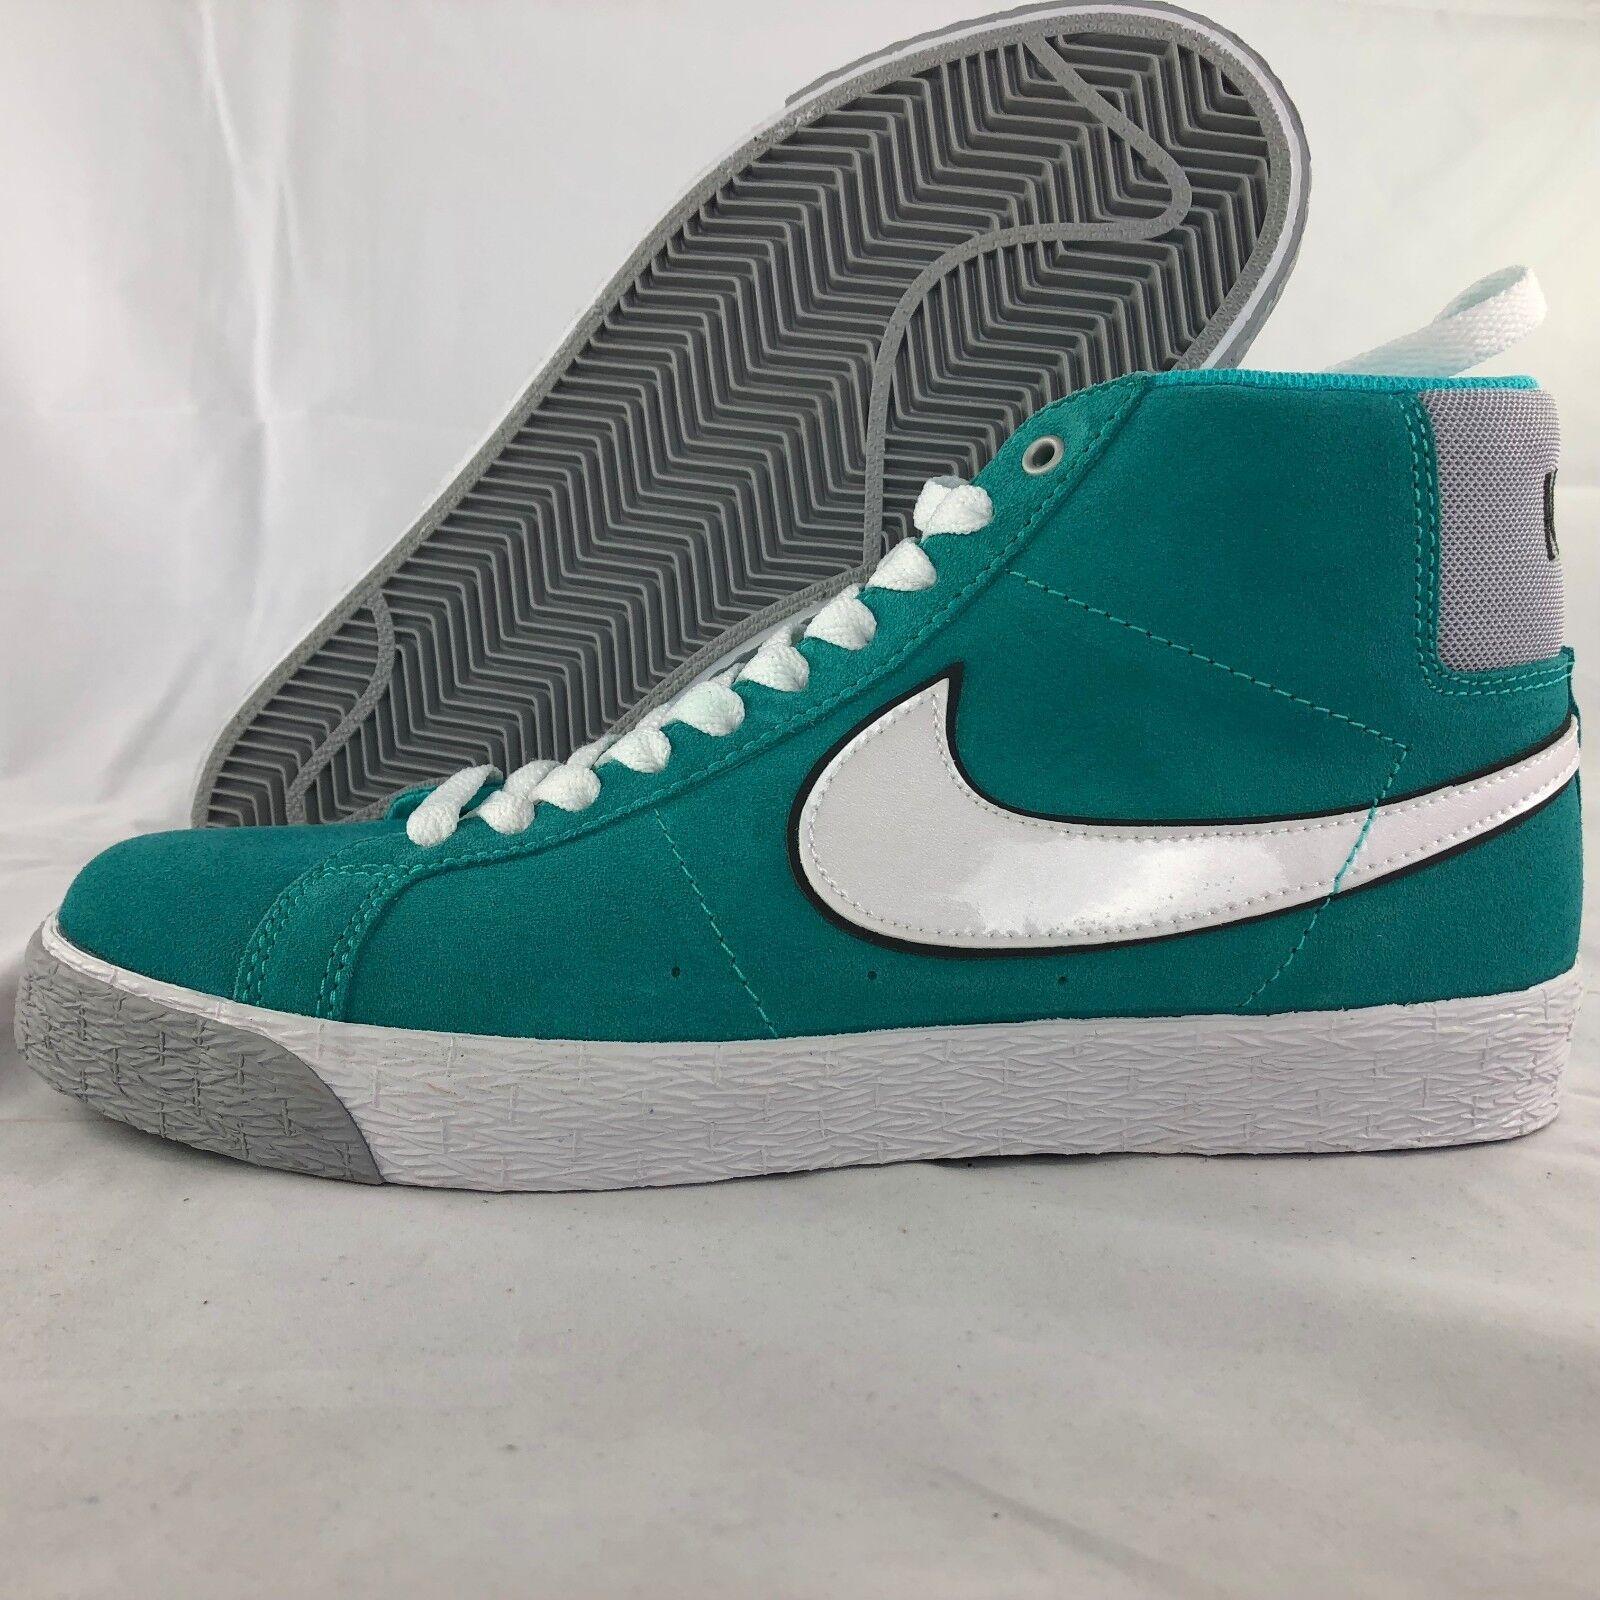 Nike Blazer SB Premium se QS metro Paris Hyper 8 jade blanco 819861-310 Hombre 8 Hyper 10 marca de descuento 4c1753